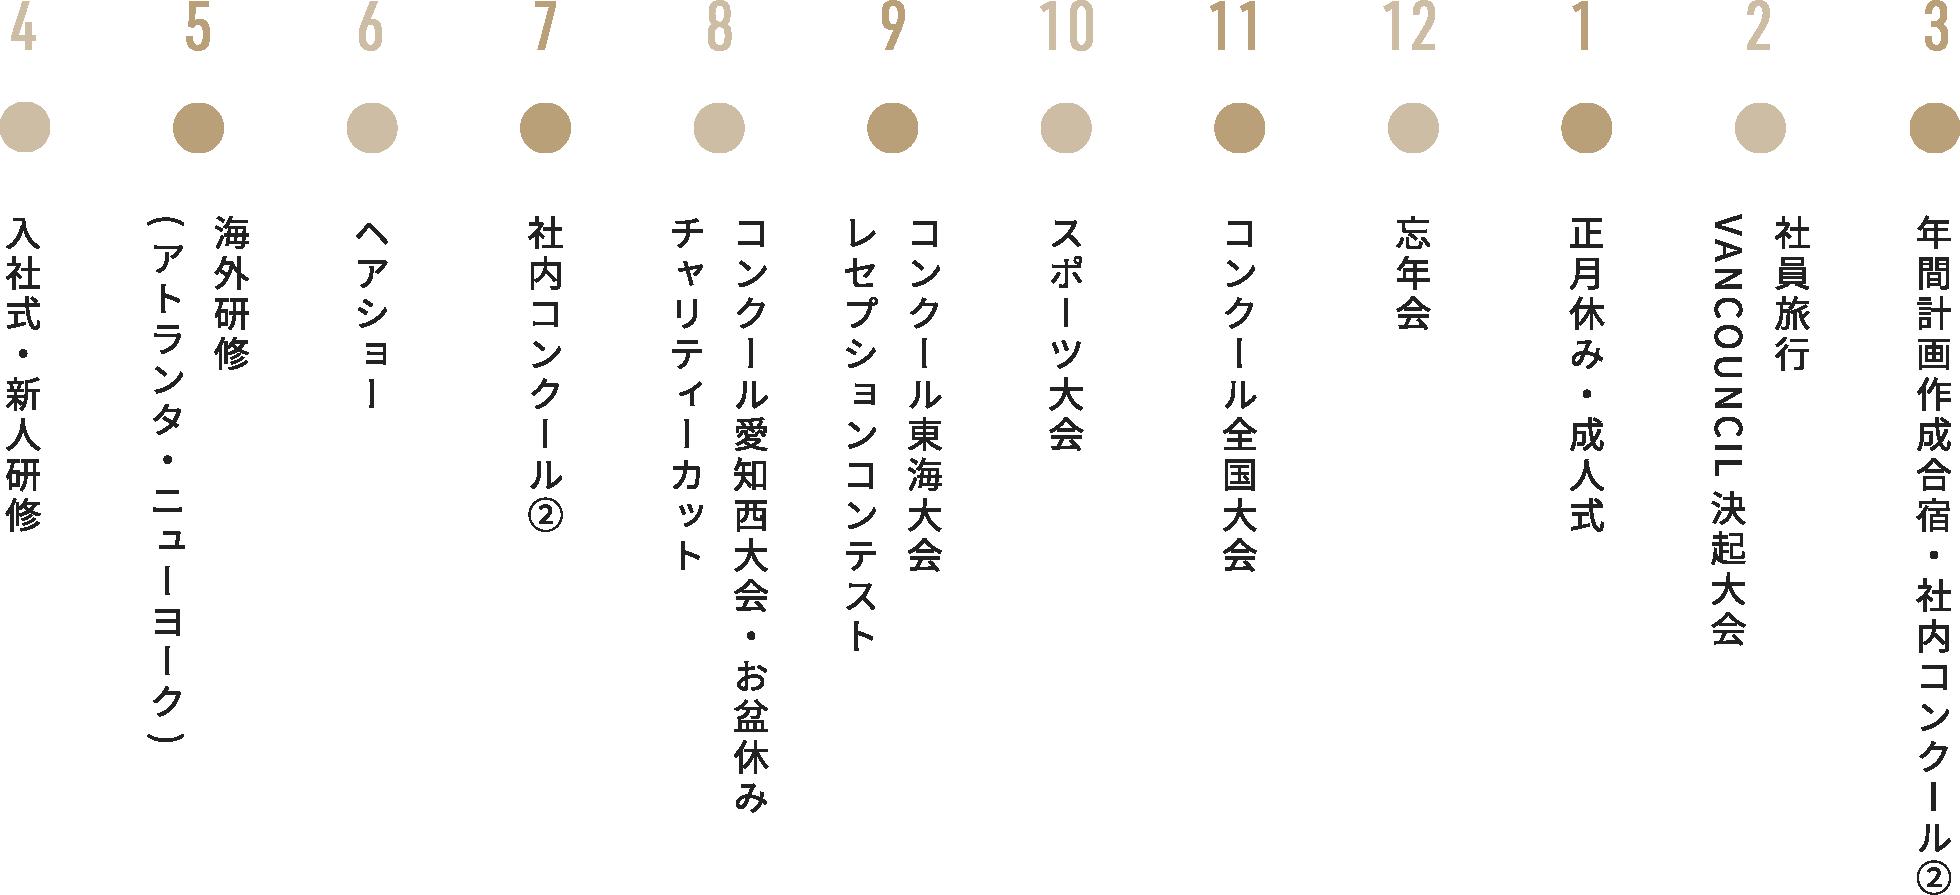 4月~3月までの年間行事リスト